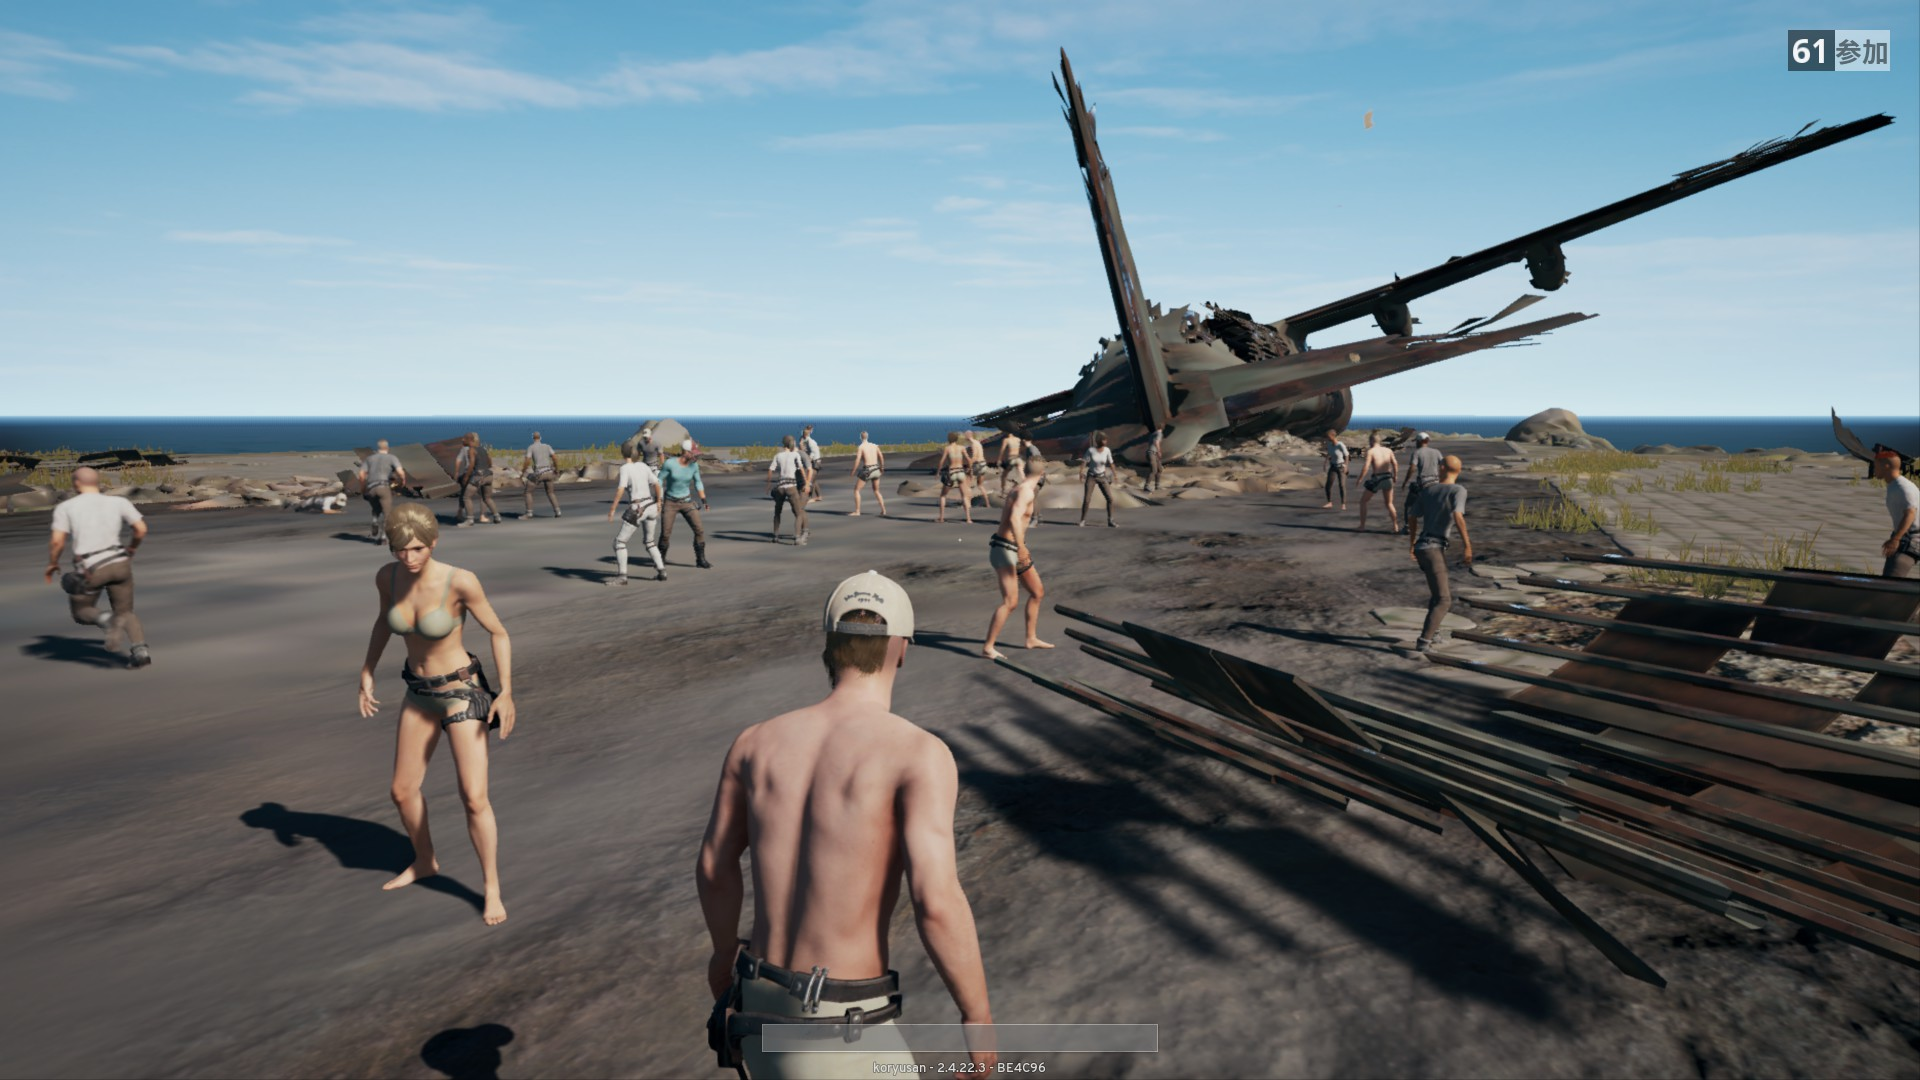 PS4,Xboxでの発売も決定したPUBGってどんなゲーム?